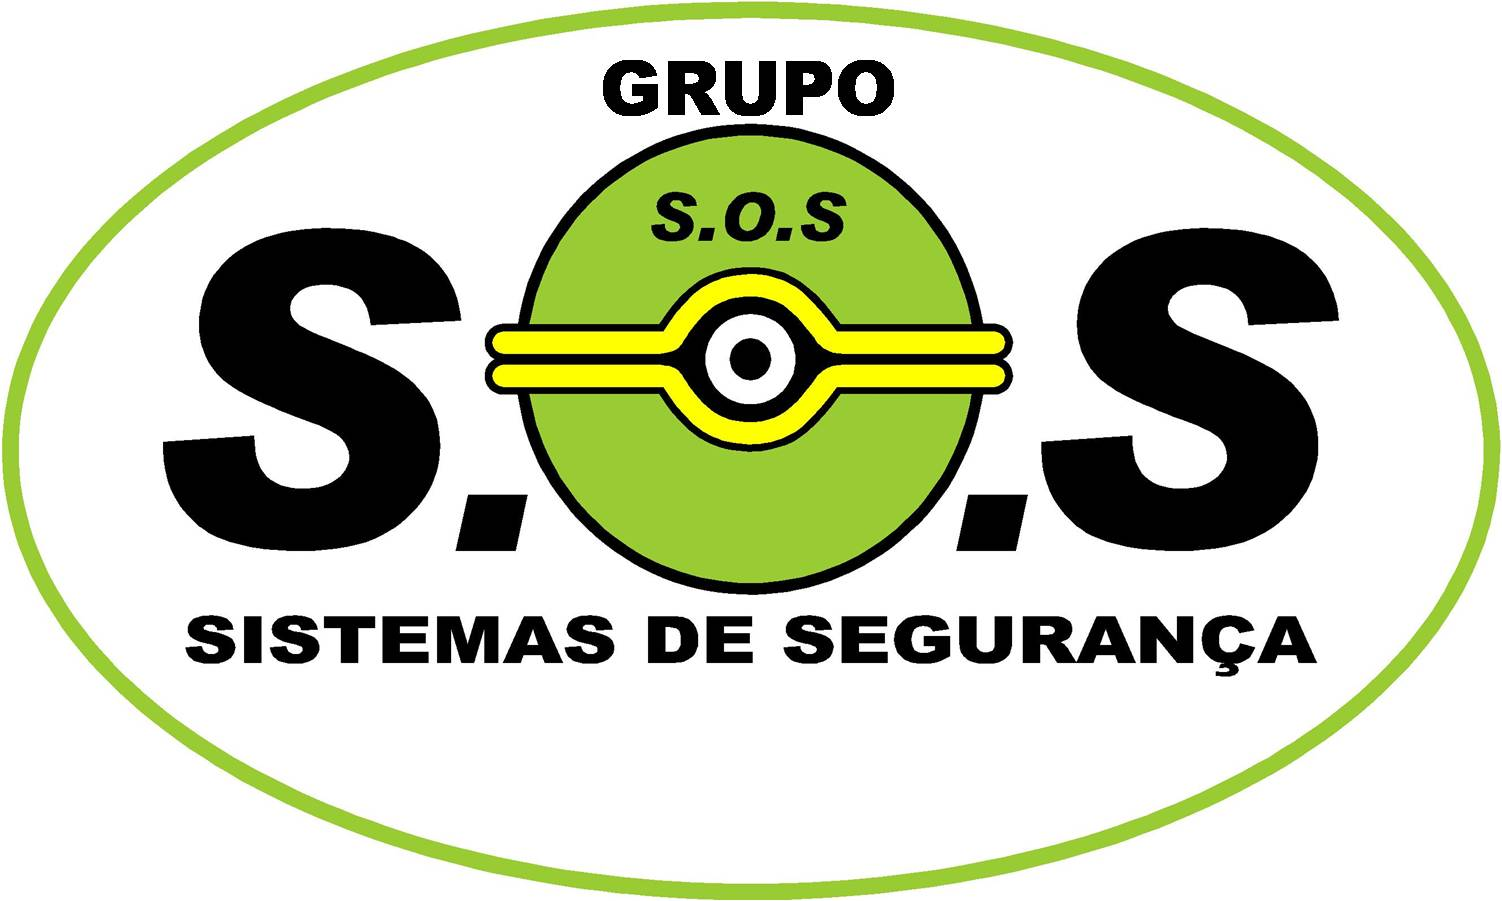 Logotipo da Segurança SOS de Gramado RS